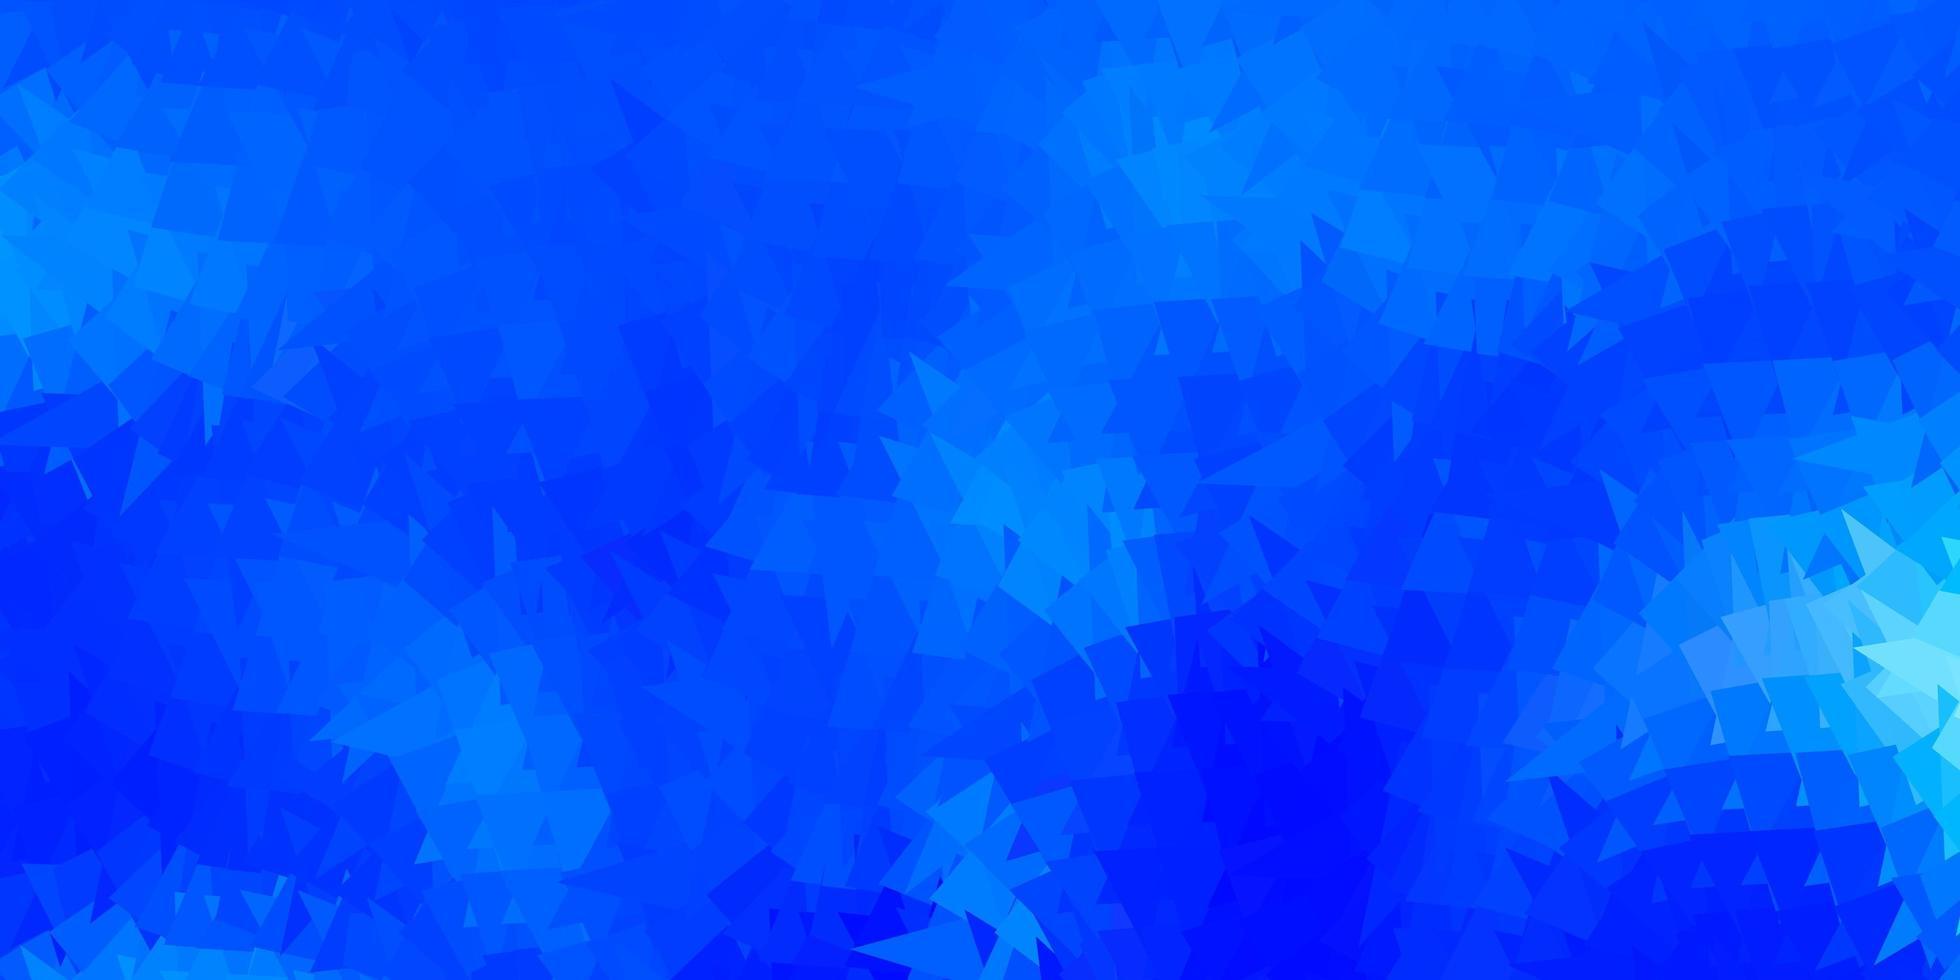 fond d'écran de polygone dégradé vecteur bleu clair.